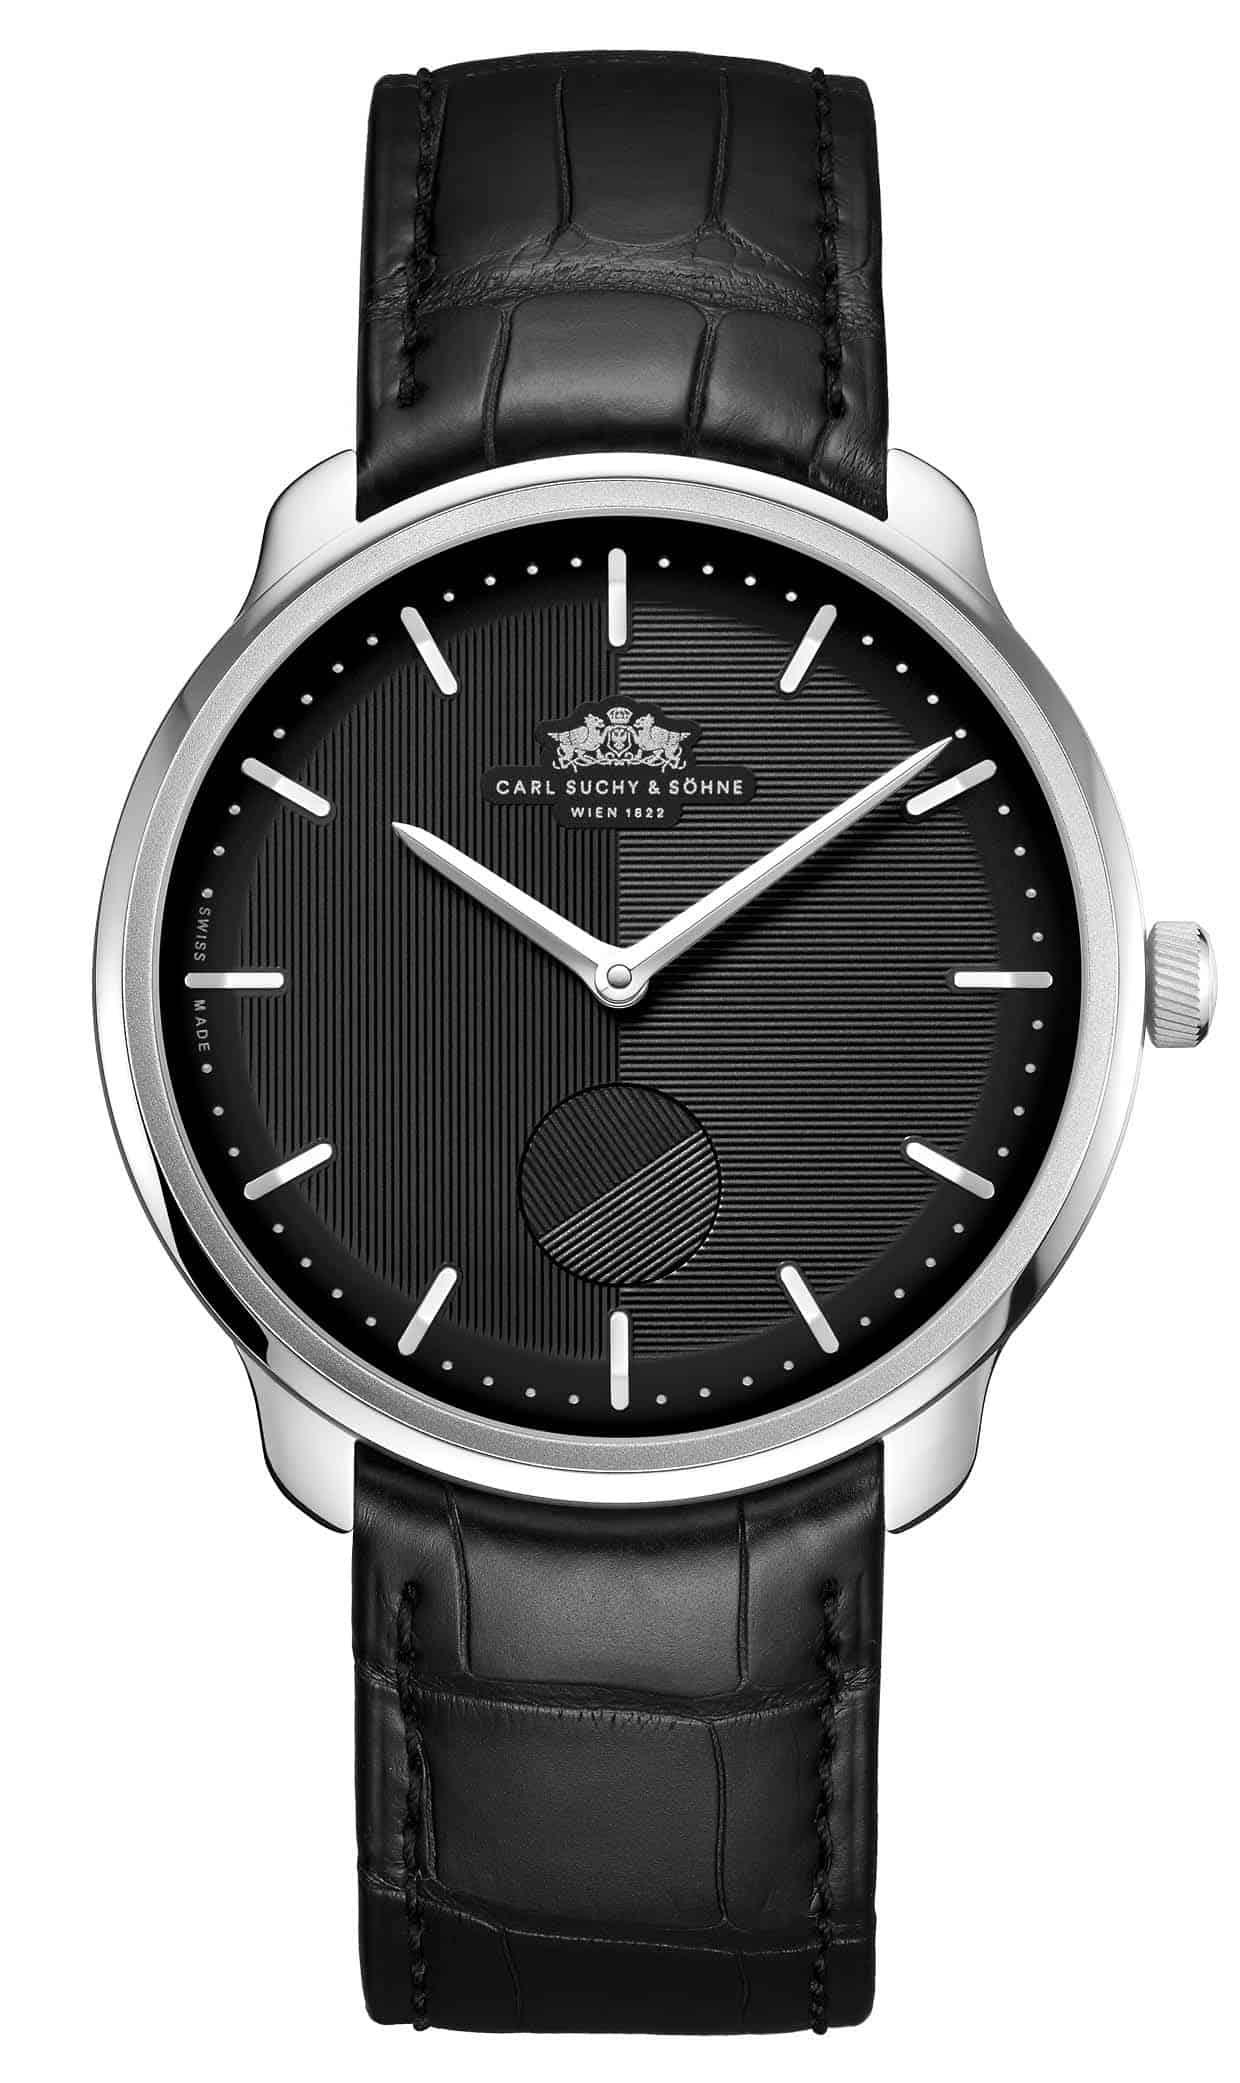 Suchy Modell Waltz 1 mit schwarzem Zifferblatt und Alligator Armband